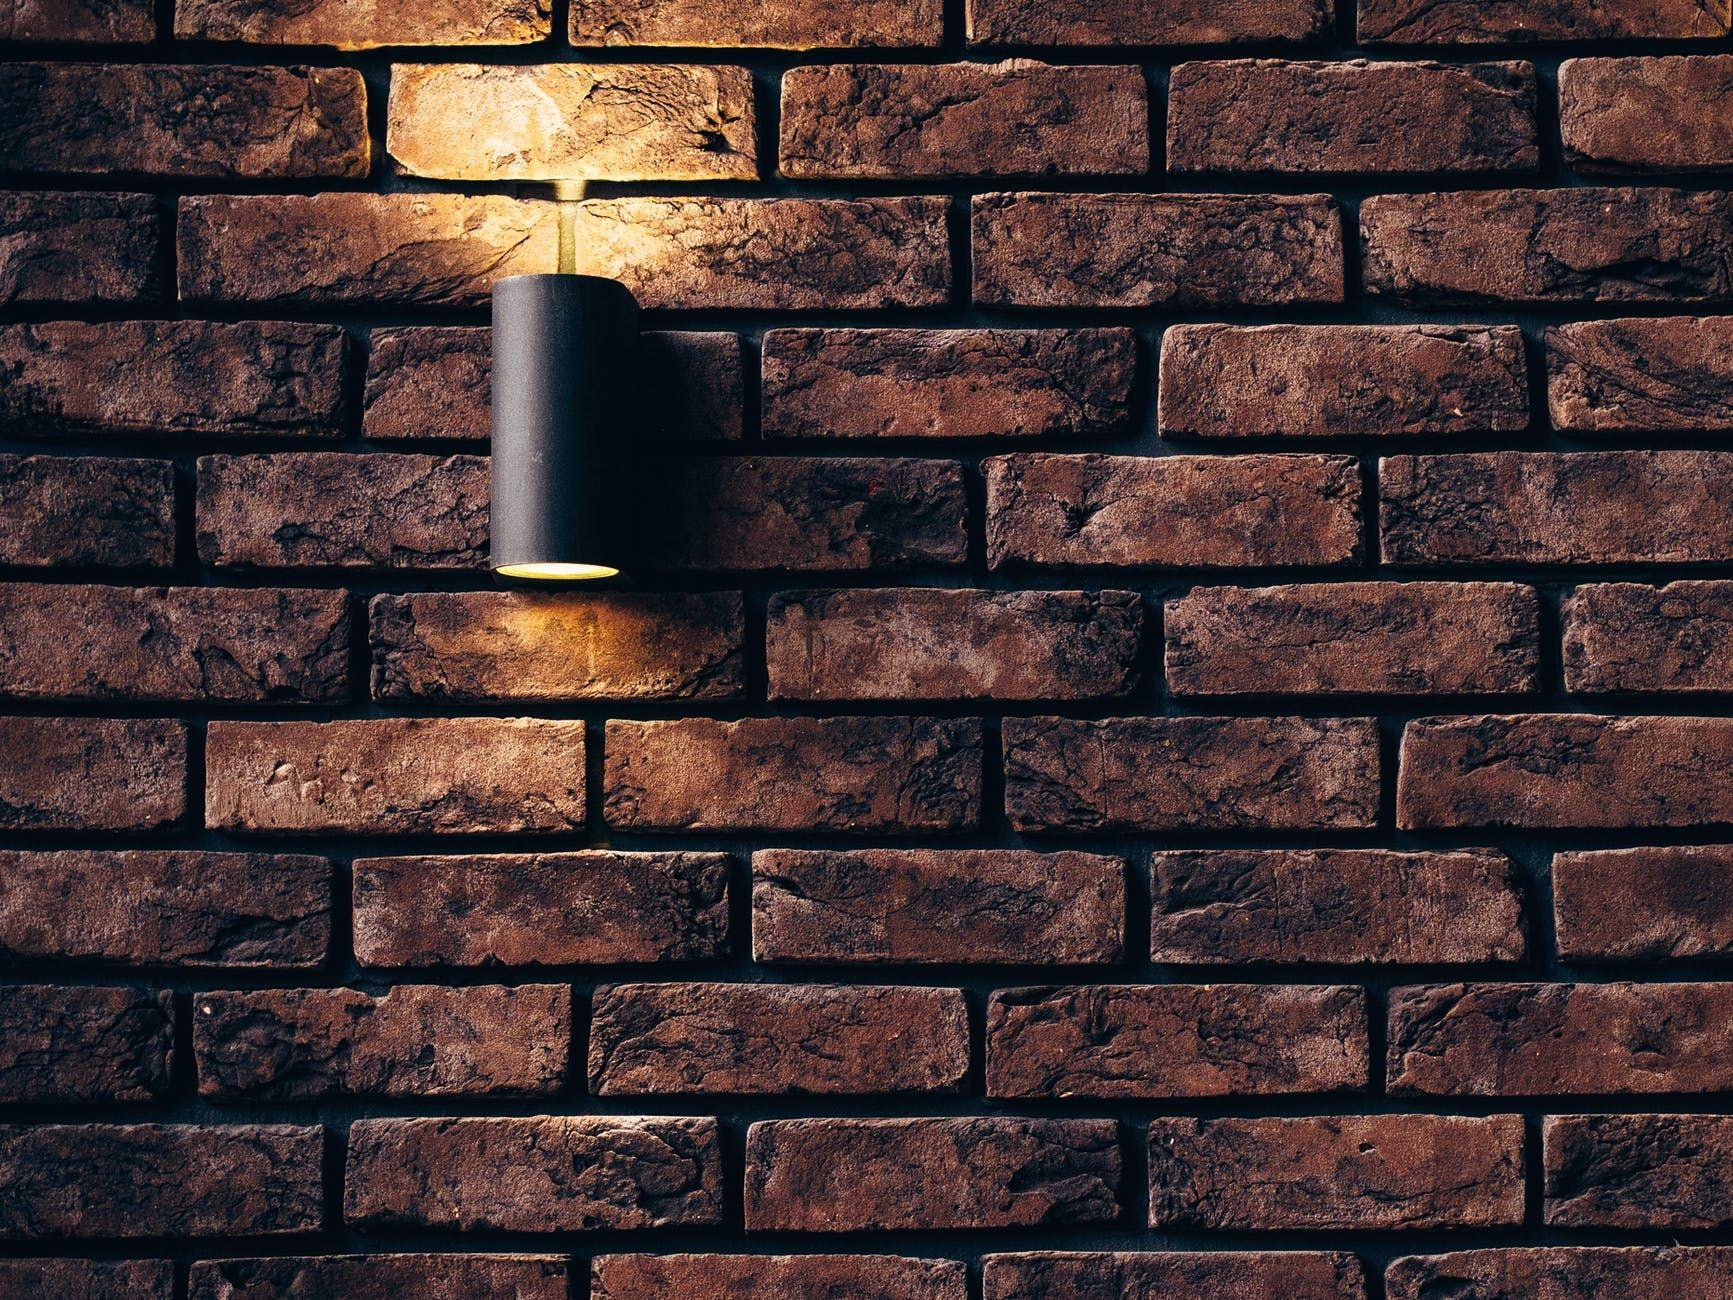 brick brickwall brickwork cement